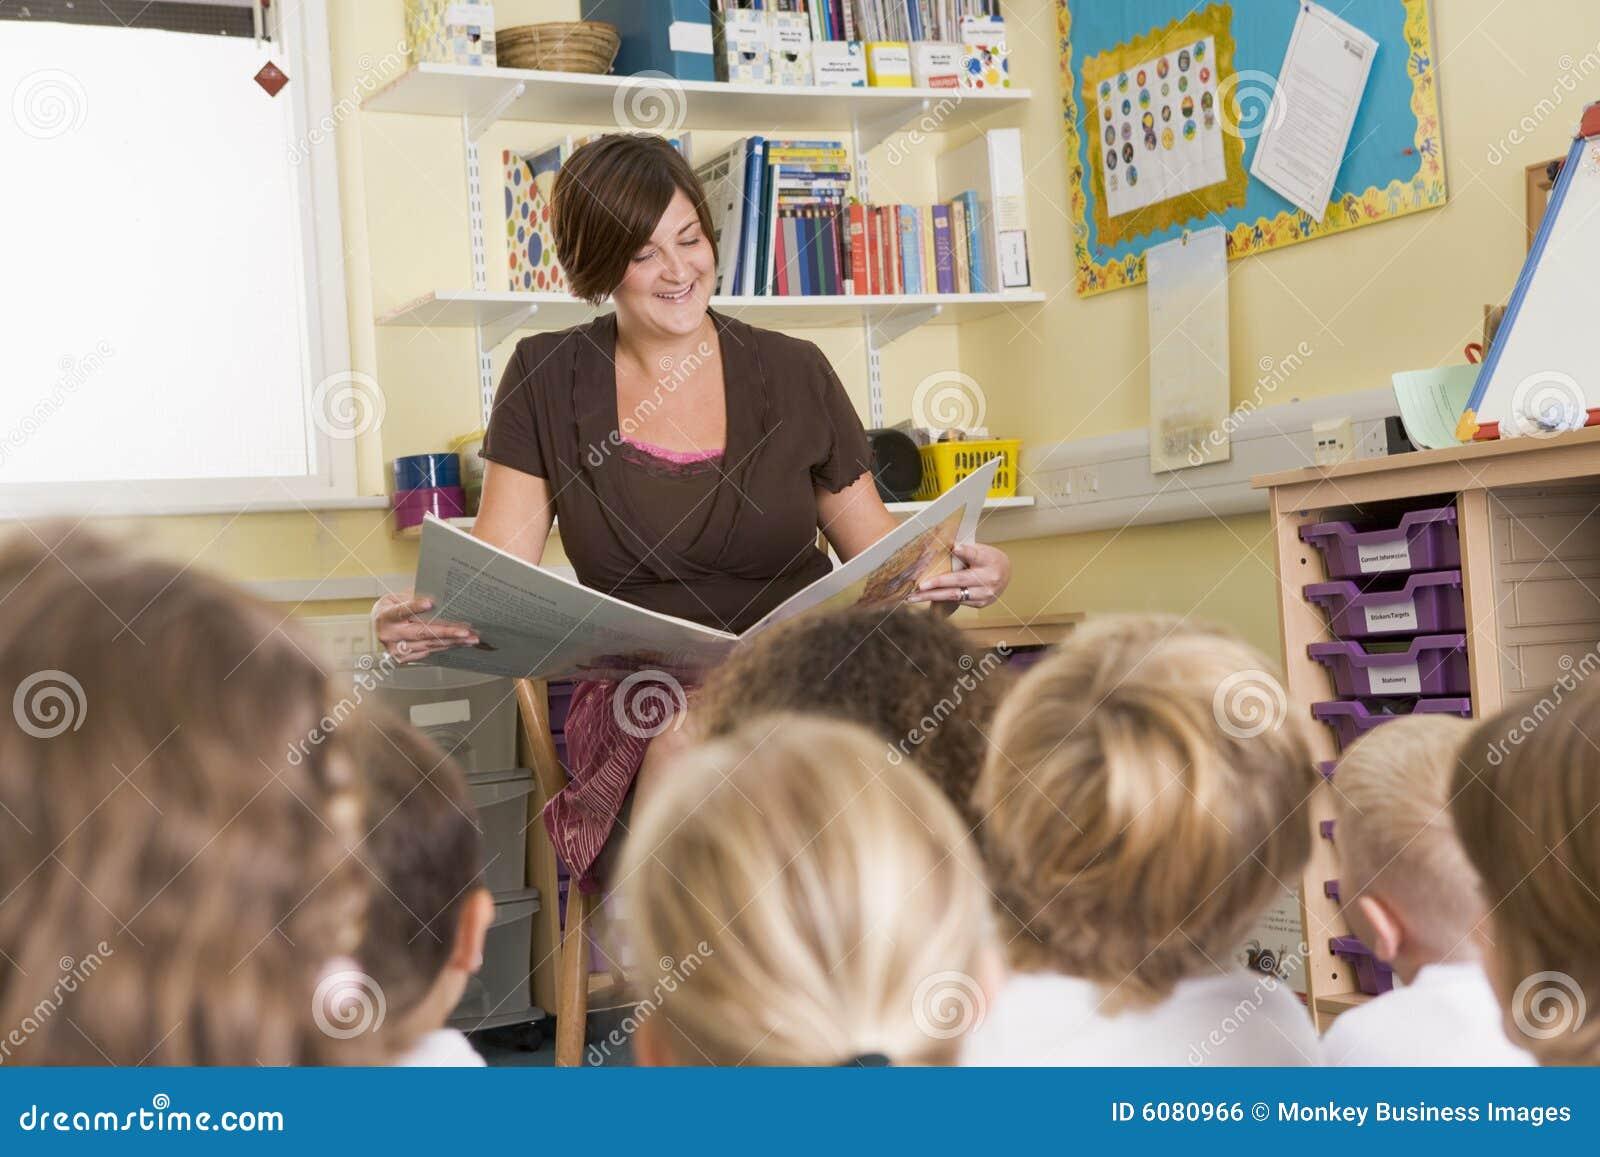 Учительница в дома у ученика 8 фотография